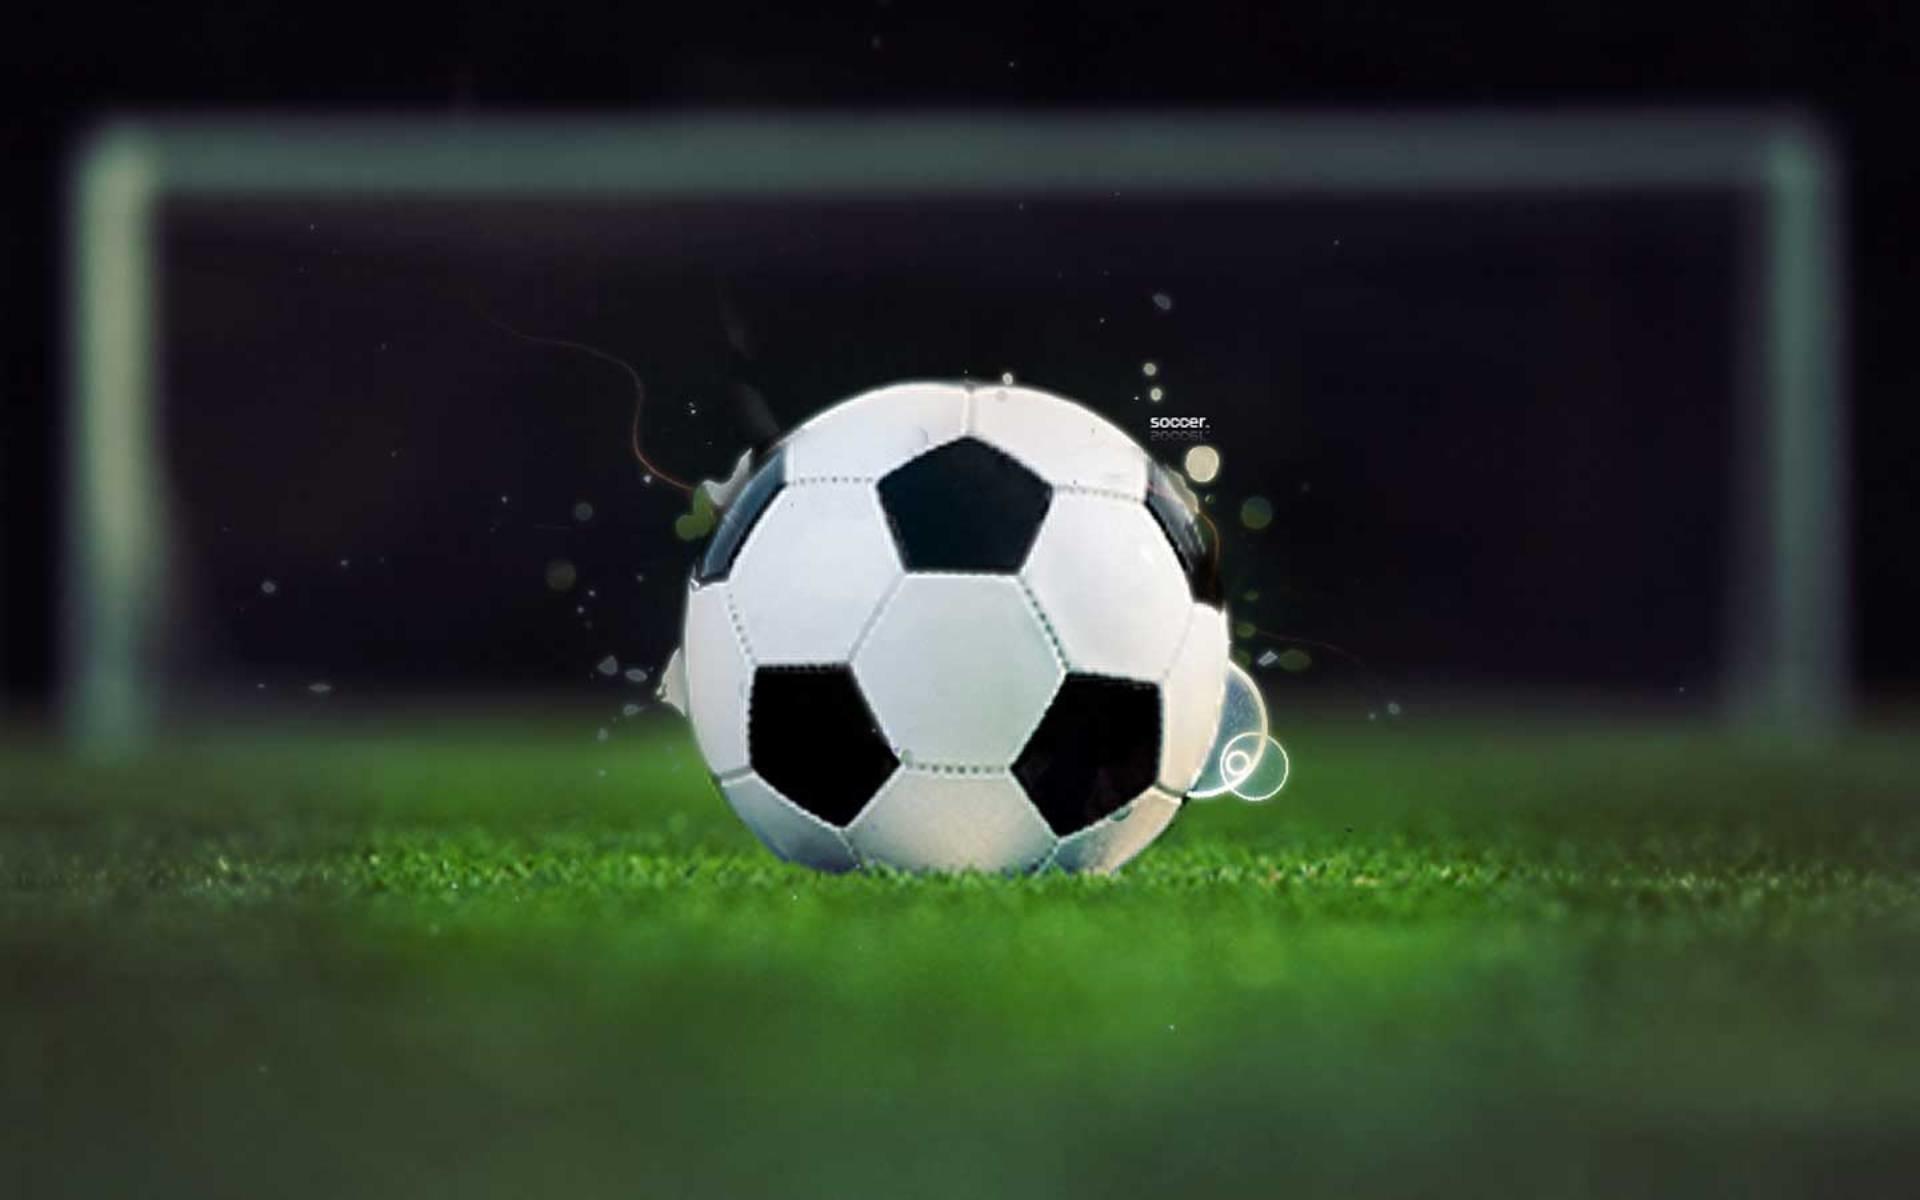 Soccer Ball Wallpaper Â« Desktop Background Wallpapers - Soccer Ball Background , HD Wallpaper & Backgrounds